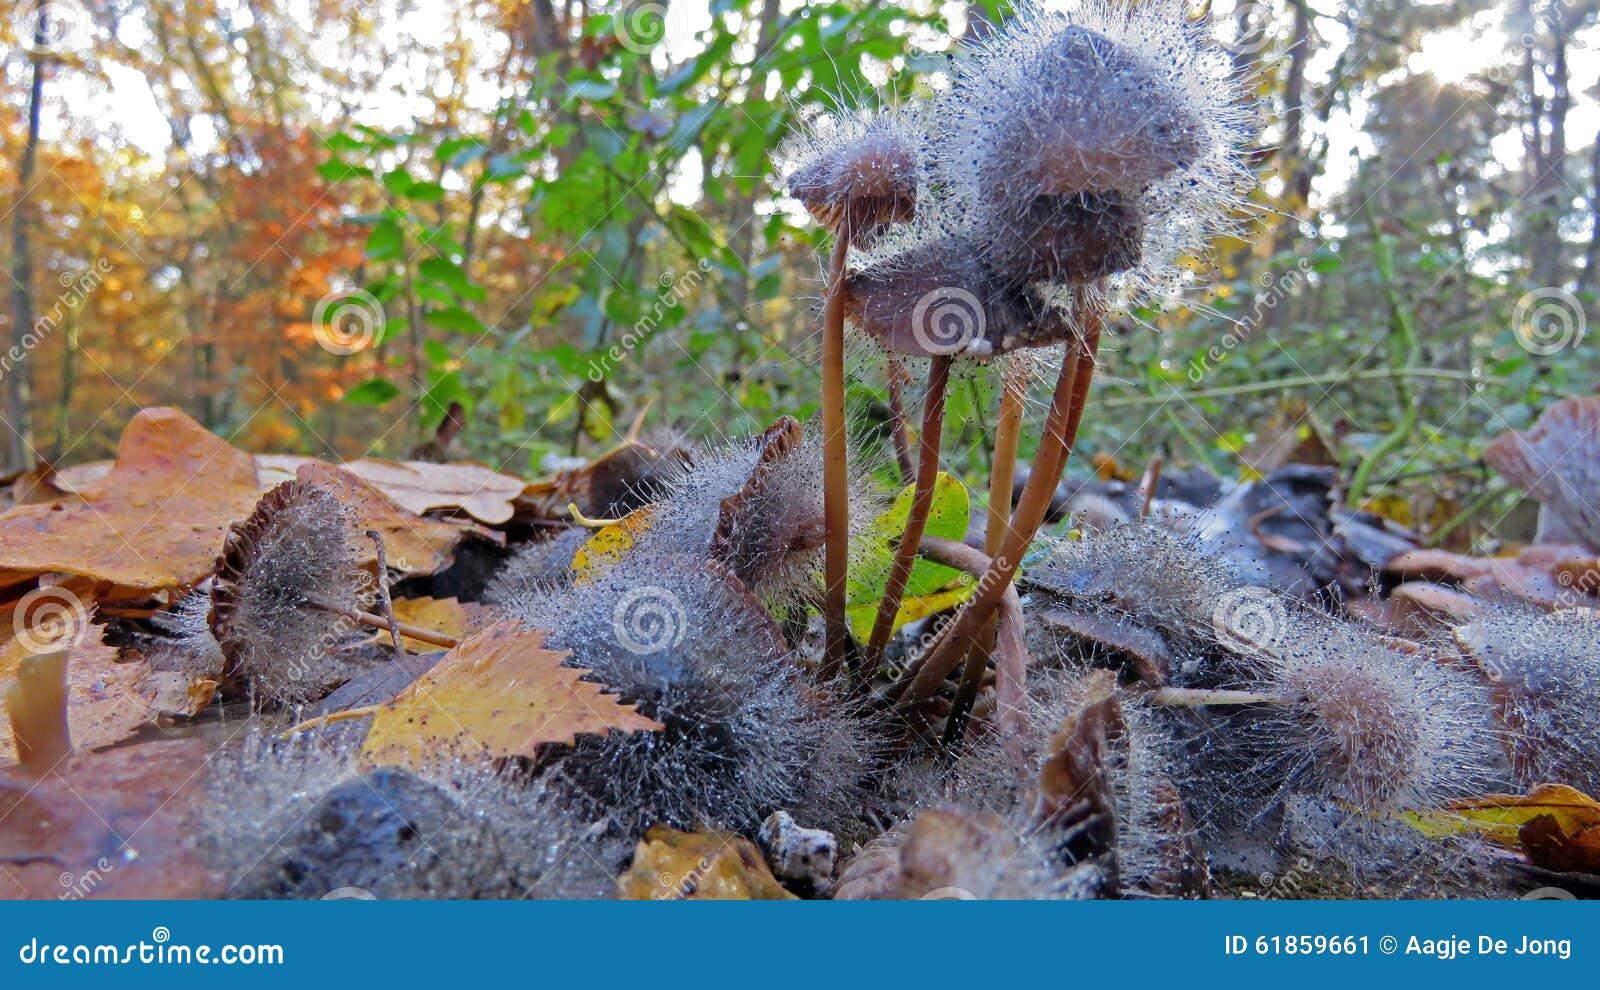 Crecimiento de molde en hongo